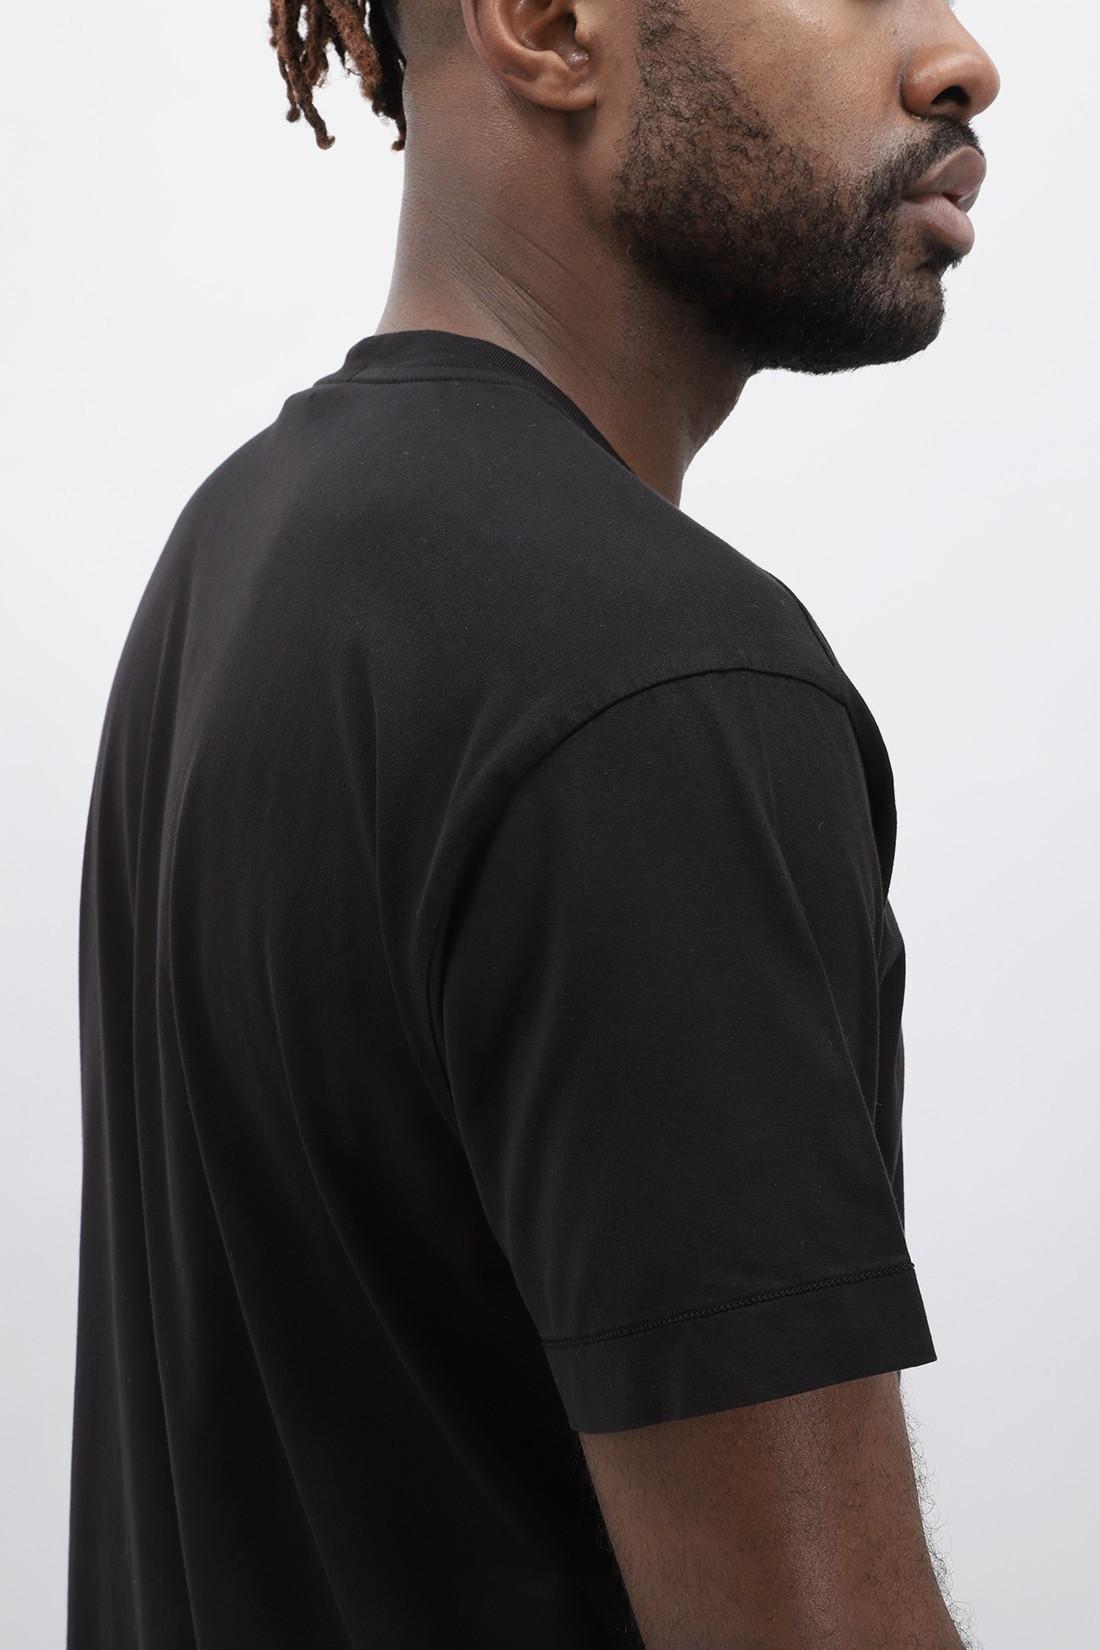 STONE ISLAND / 24113 logo t shirt v0029 Nero